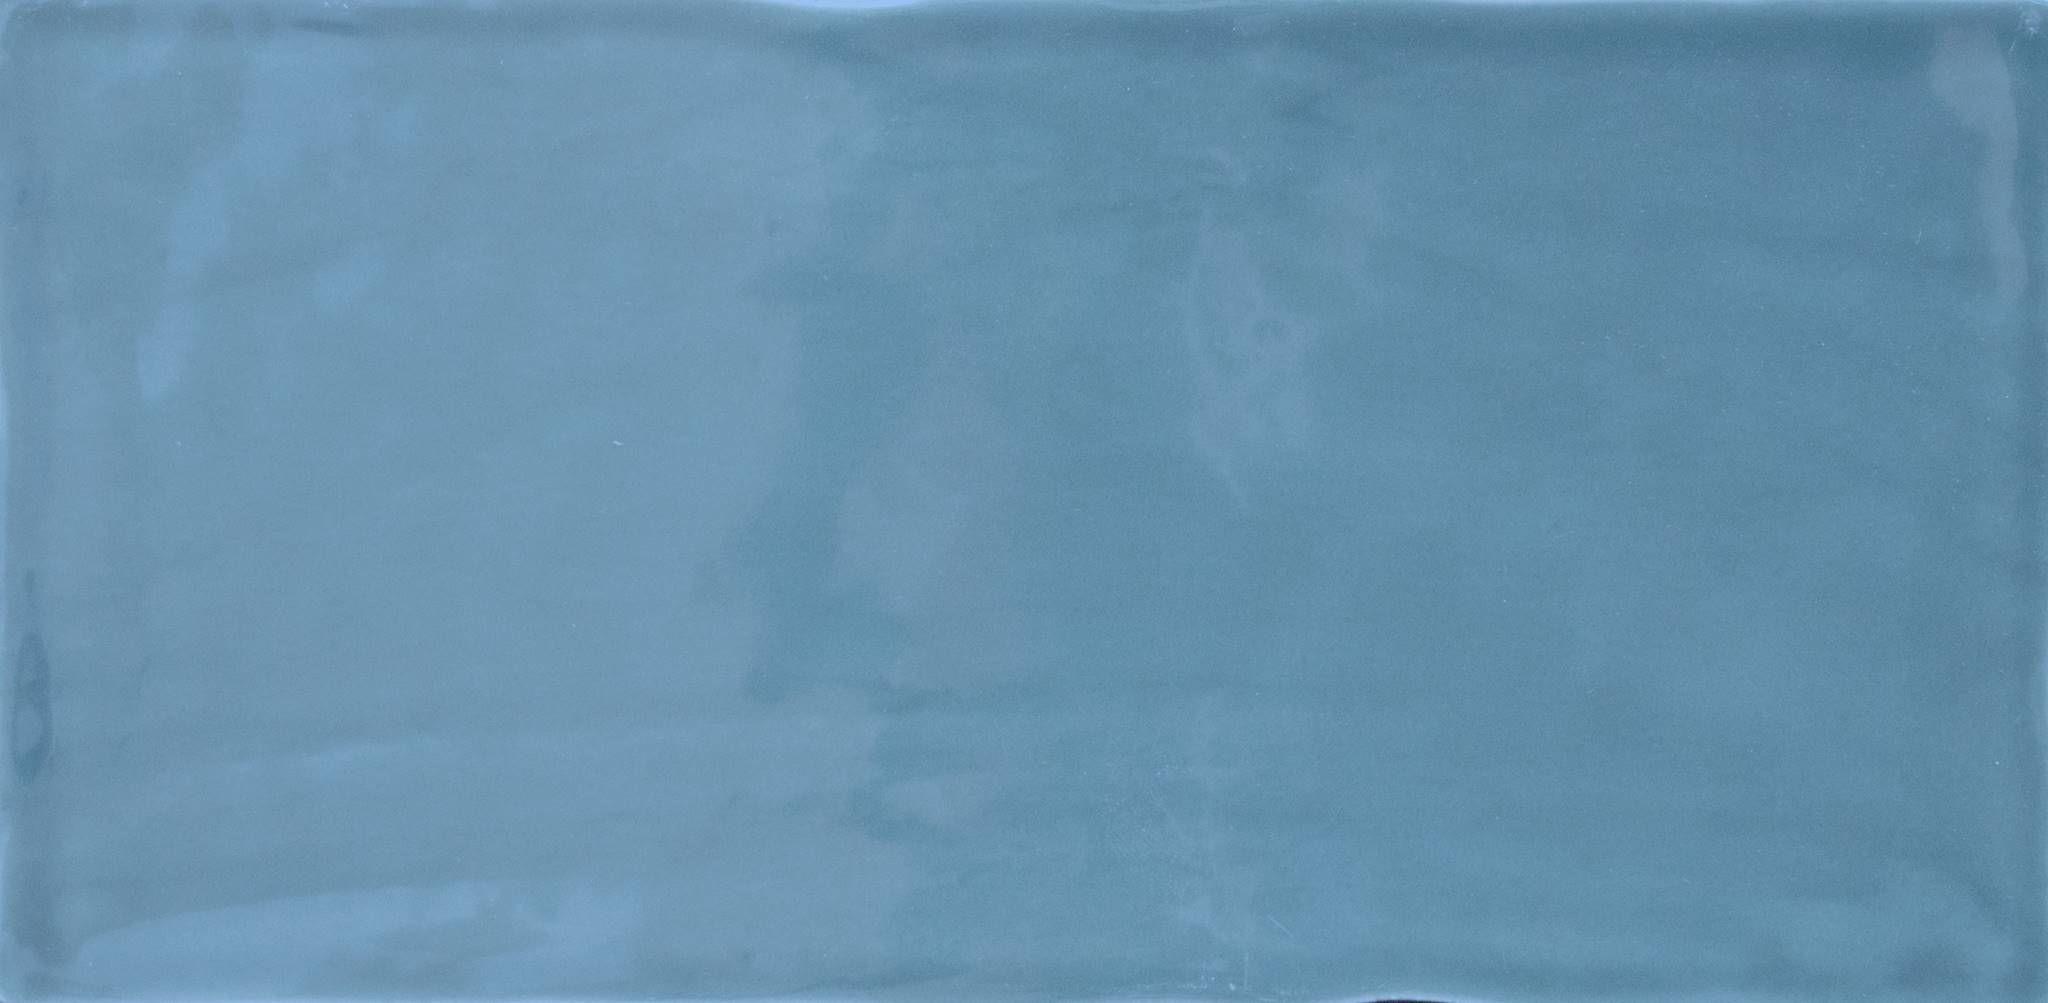 Керамическая плитка Cifre Atmosphere Blue настенная 12, 5x25, Cifre Ceramica, Испания  - Купить